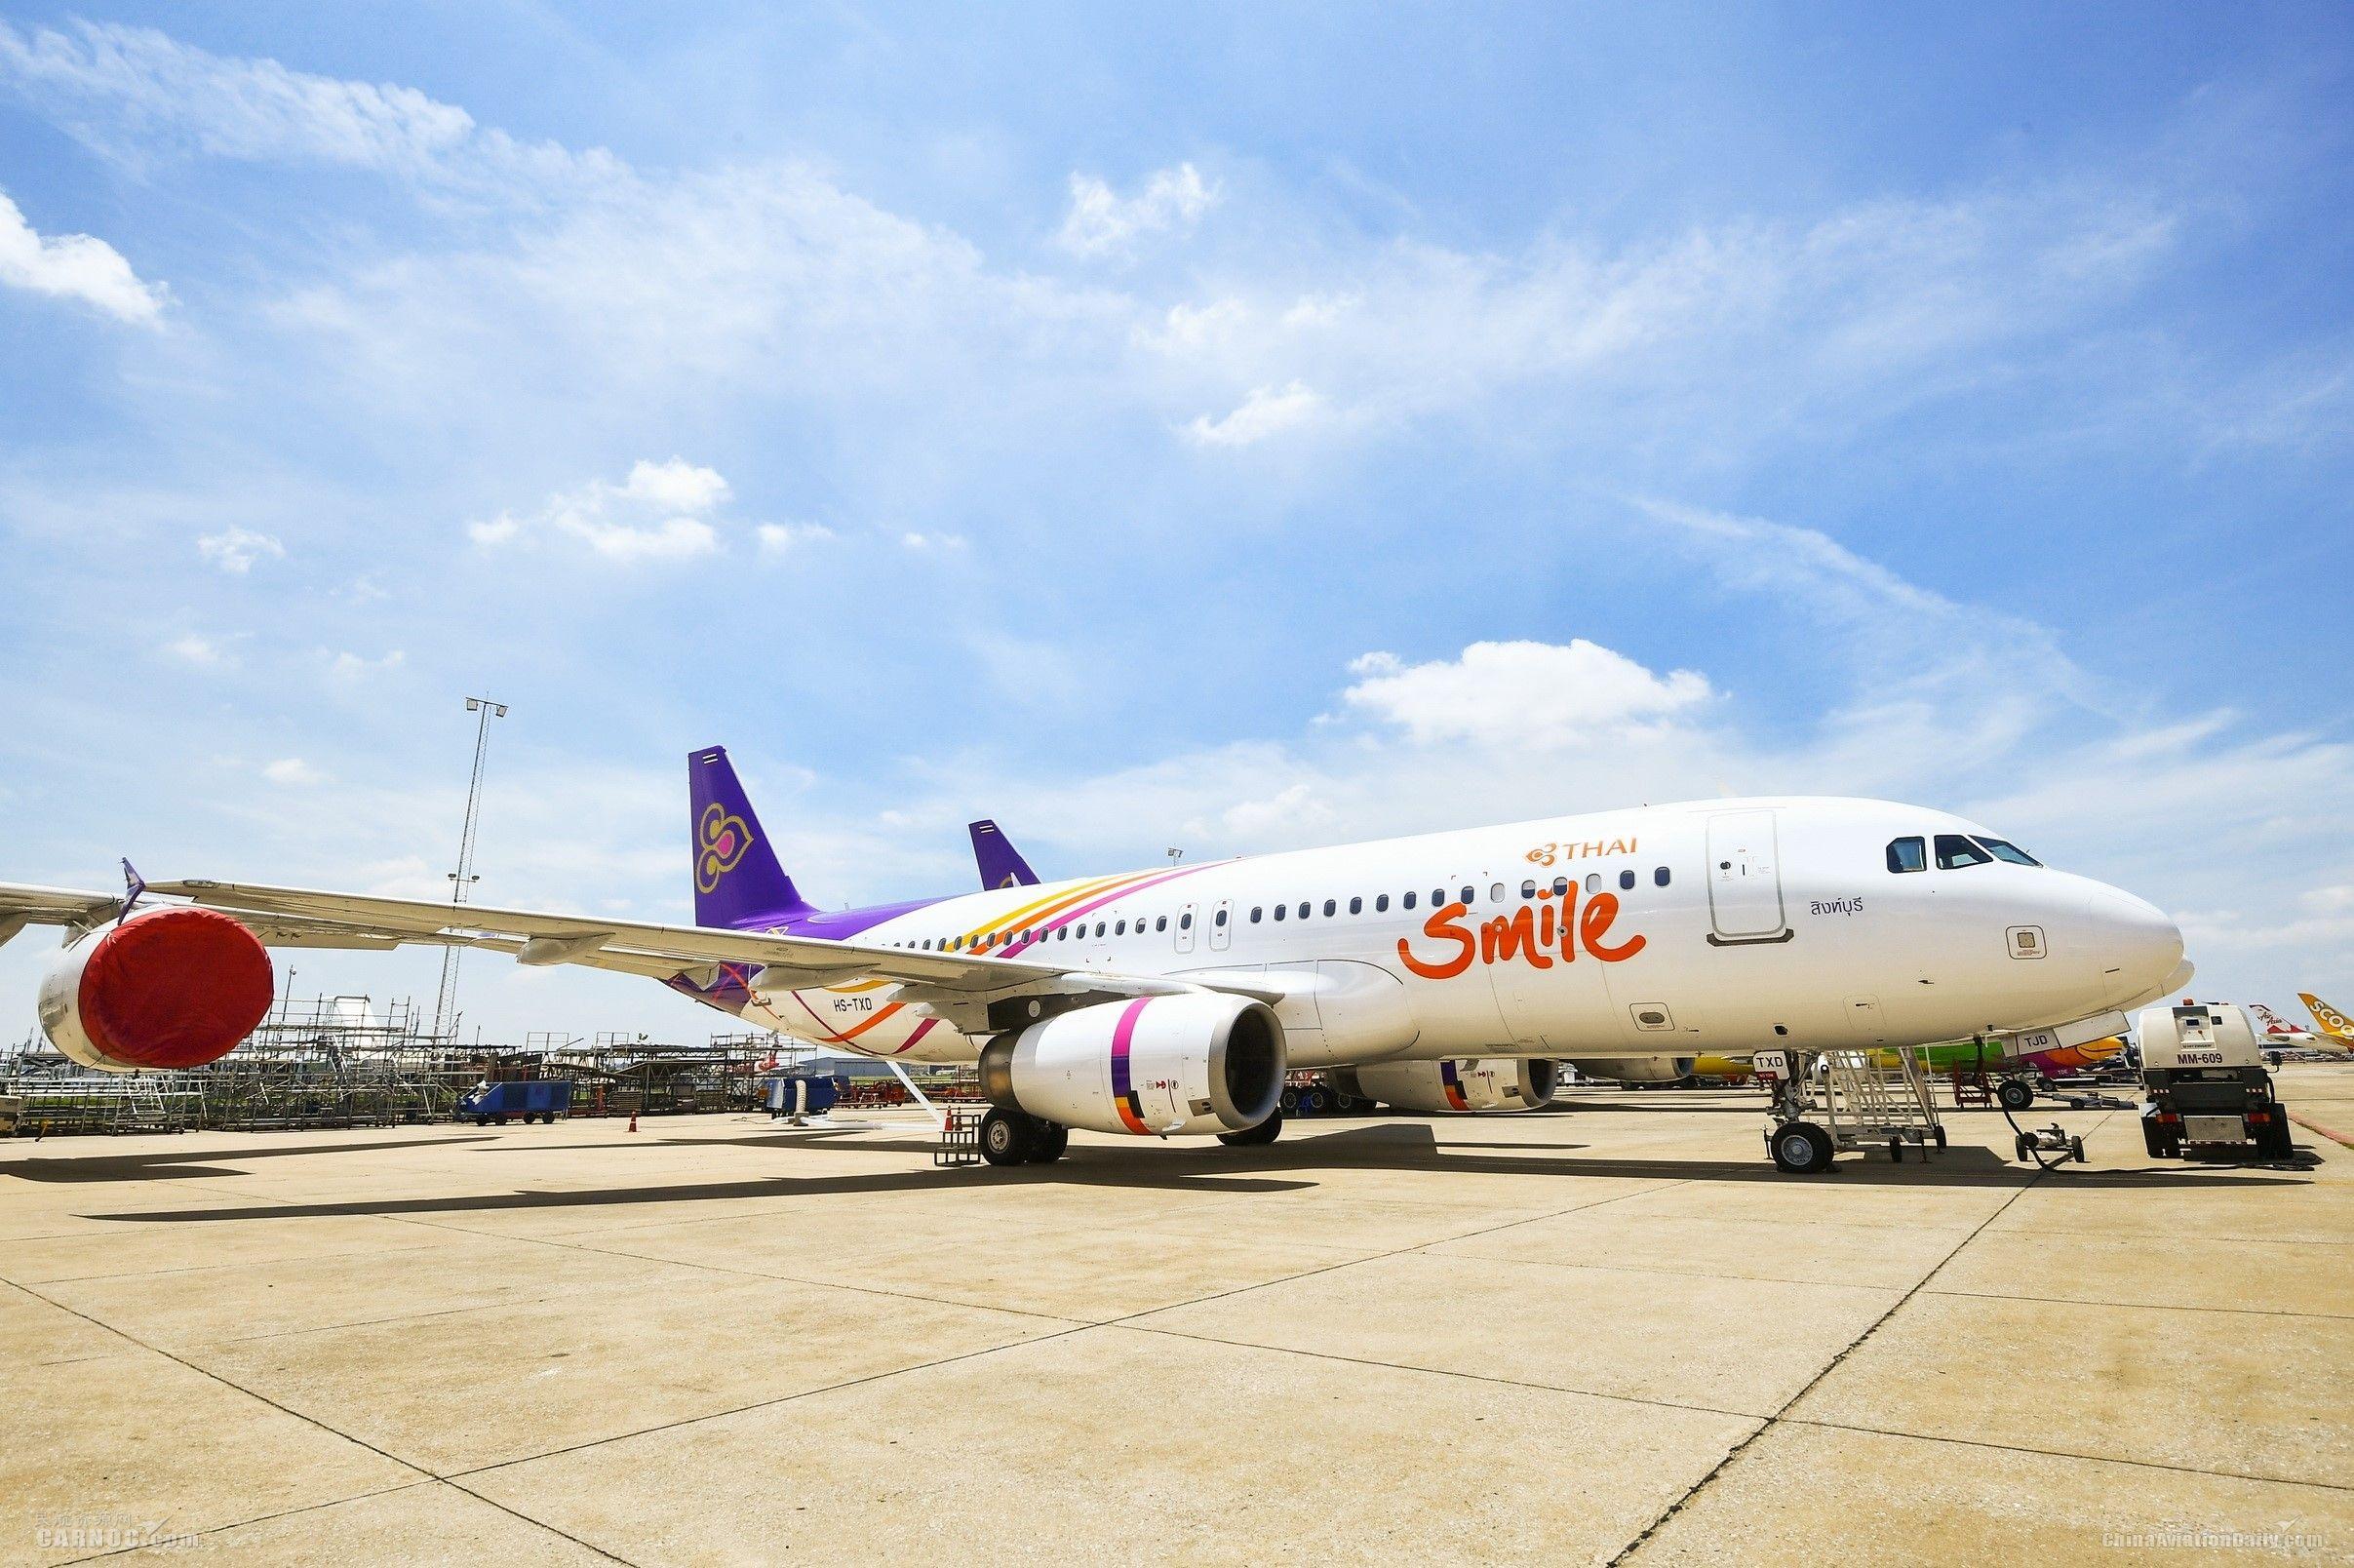 星空联盟展示全新微笑 泰微笑航空将成优连伙伴